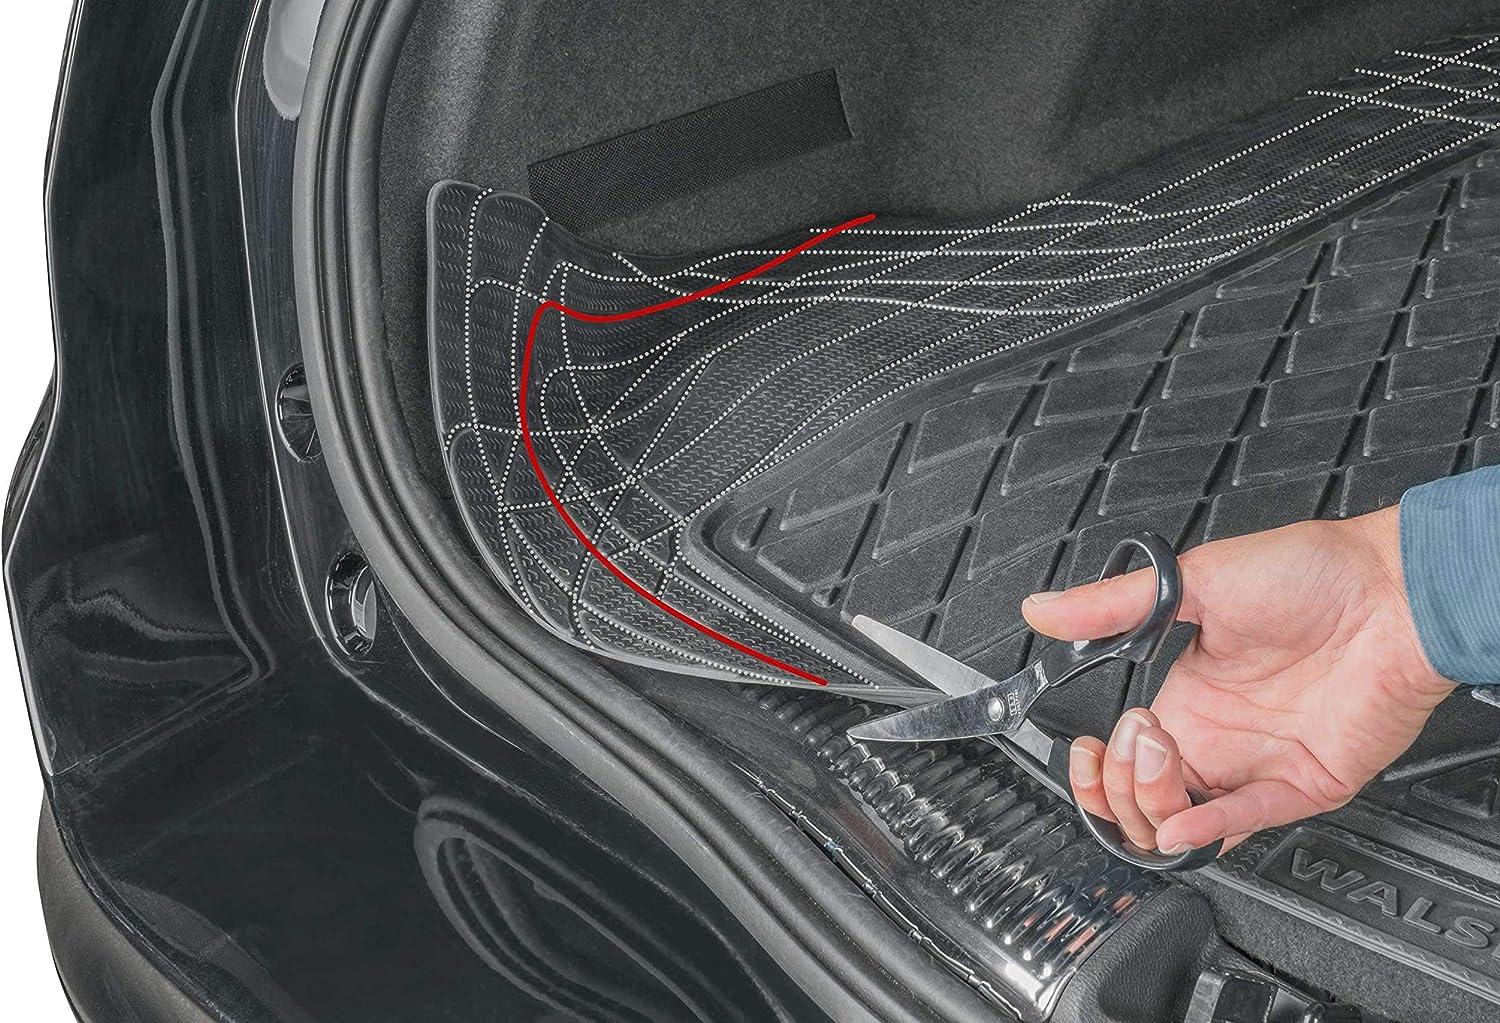 2007-2015 R25S0711 rmg-Distribution Tapis de Coffre pour Laguna Version III RMG25 Tapis en Caoutchouc pour Coffre de Voiture D/écoupable Dimensions 130 x 120 cm